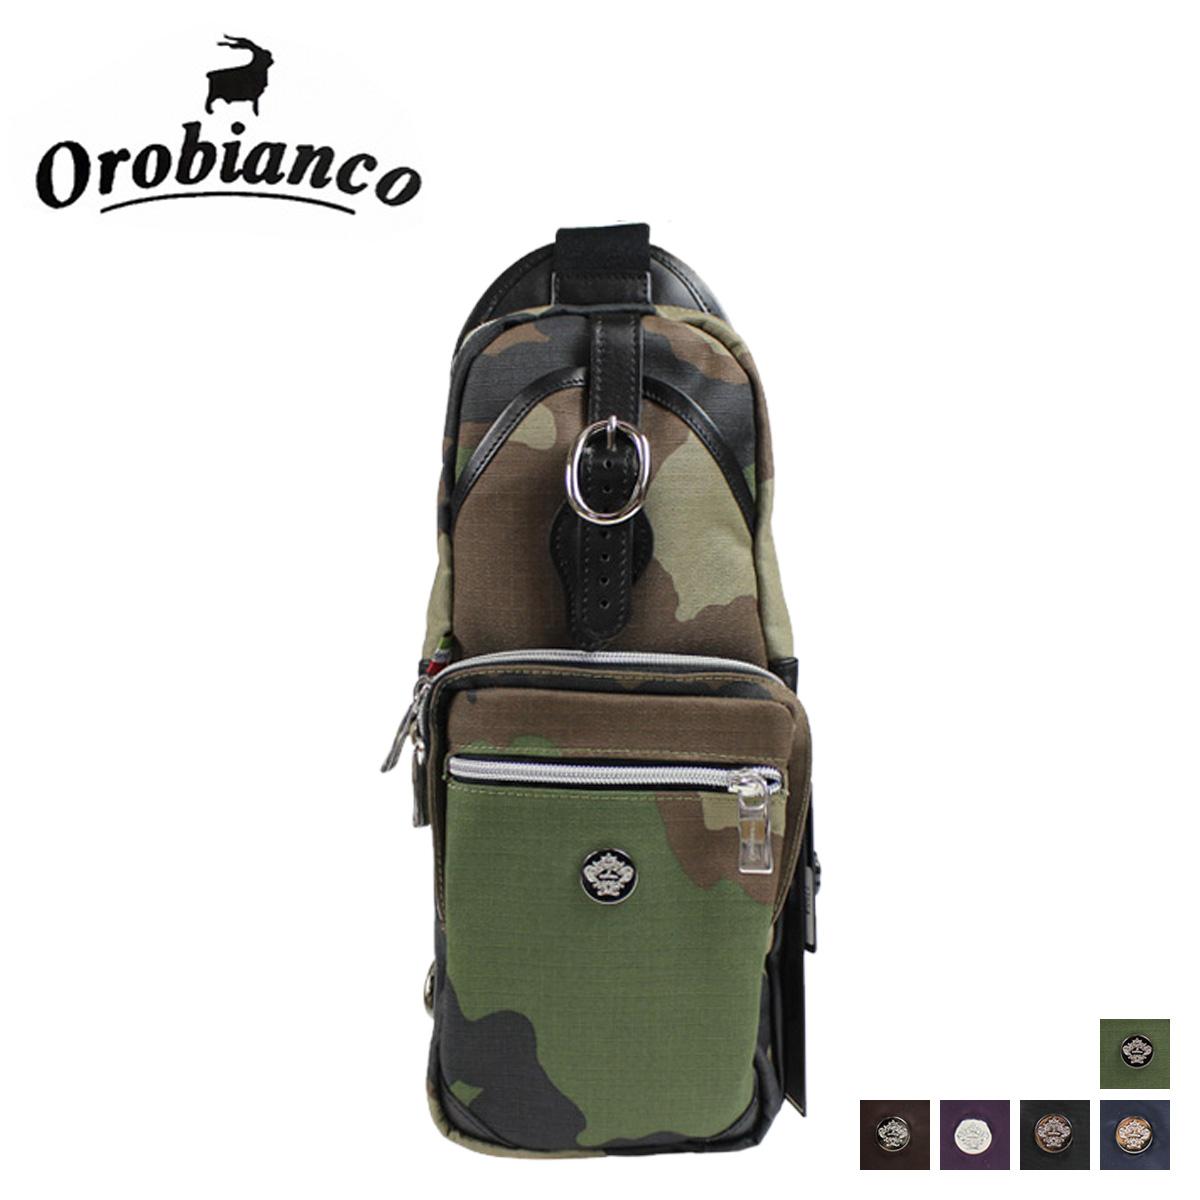 272b79eb04ad オロビアンコ Orobianco ボディバッグ ワンショルダー ANNIBALE 77548 77549 77552 77553 77554 メンズ  の圧倒的な品質